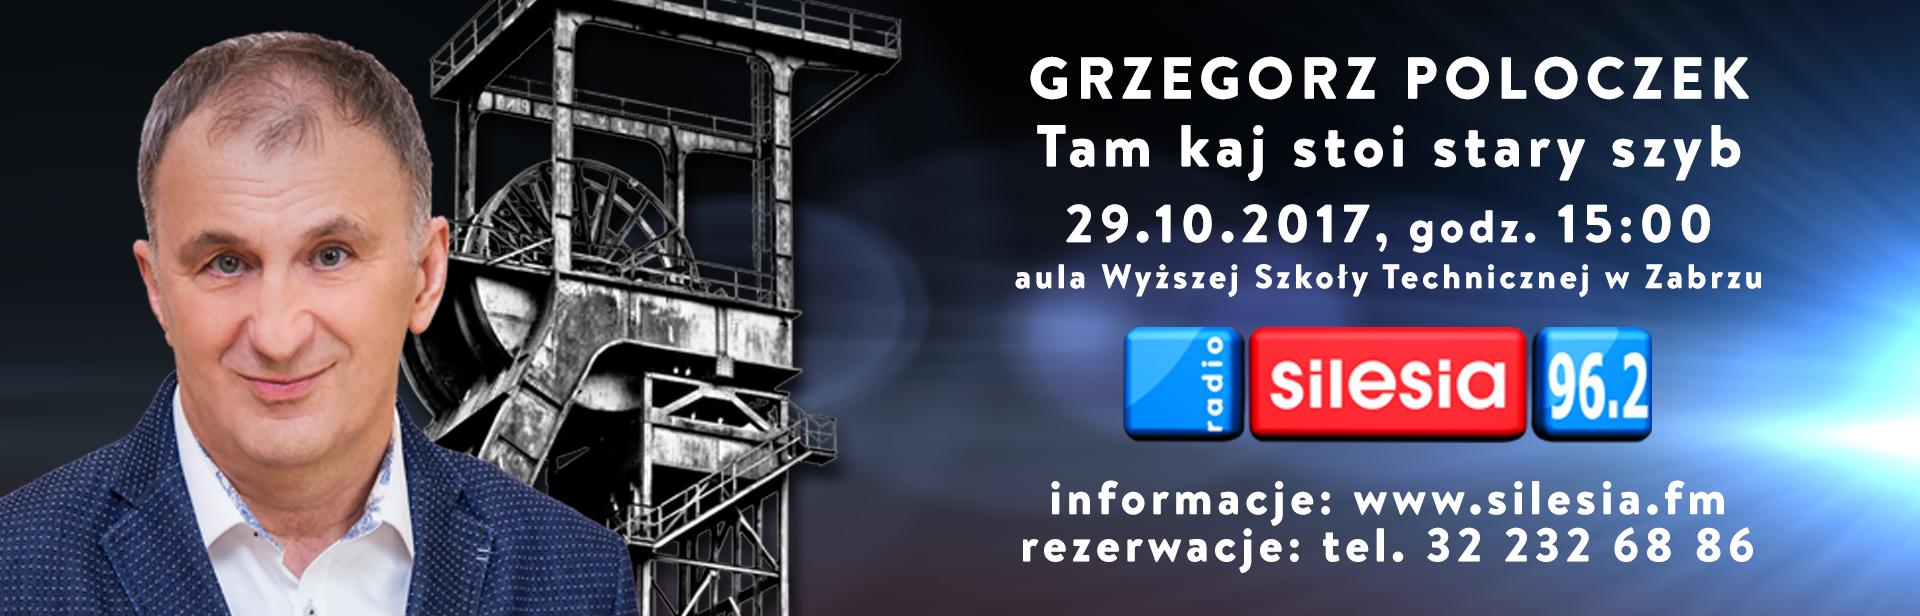 http://silesia.fm/wp-content/uploads/2017/09/WWW_Grzegorz_Poloczek_29_10_2017.png